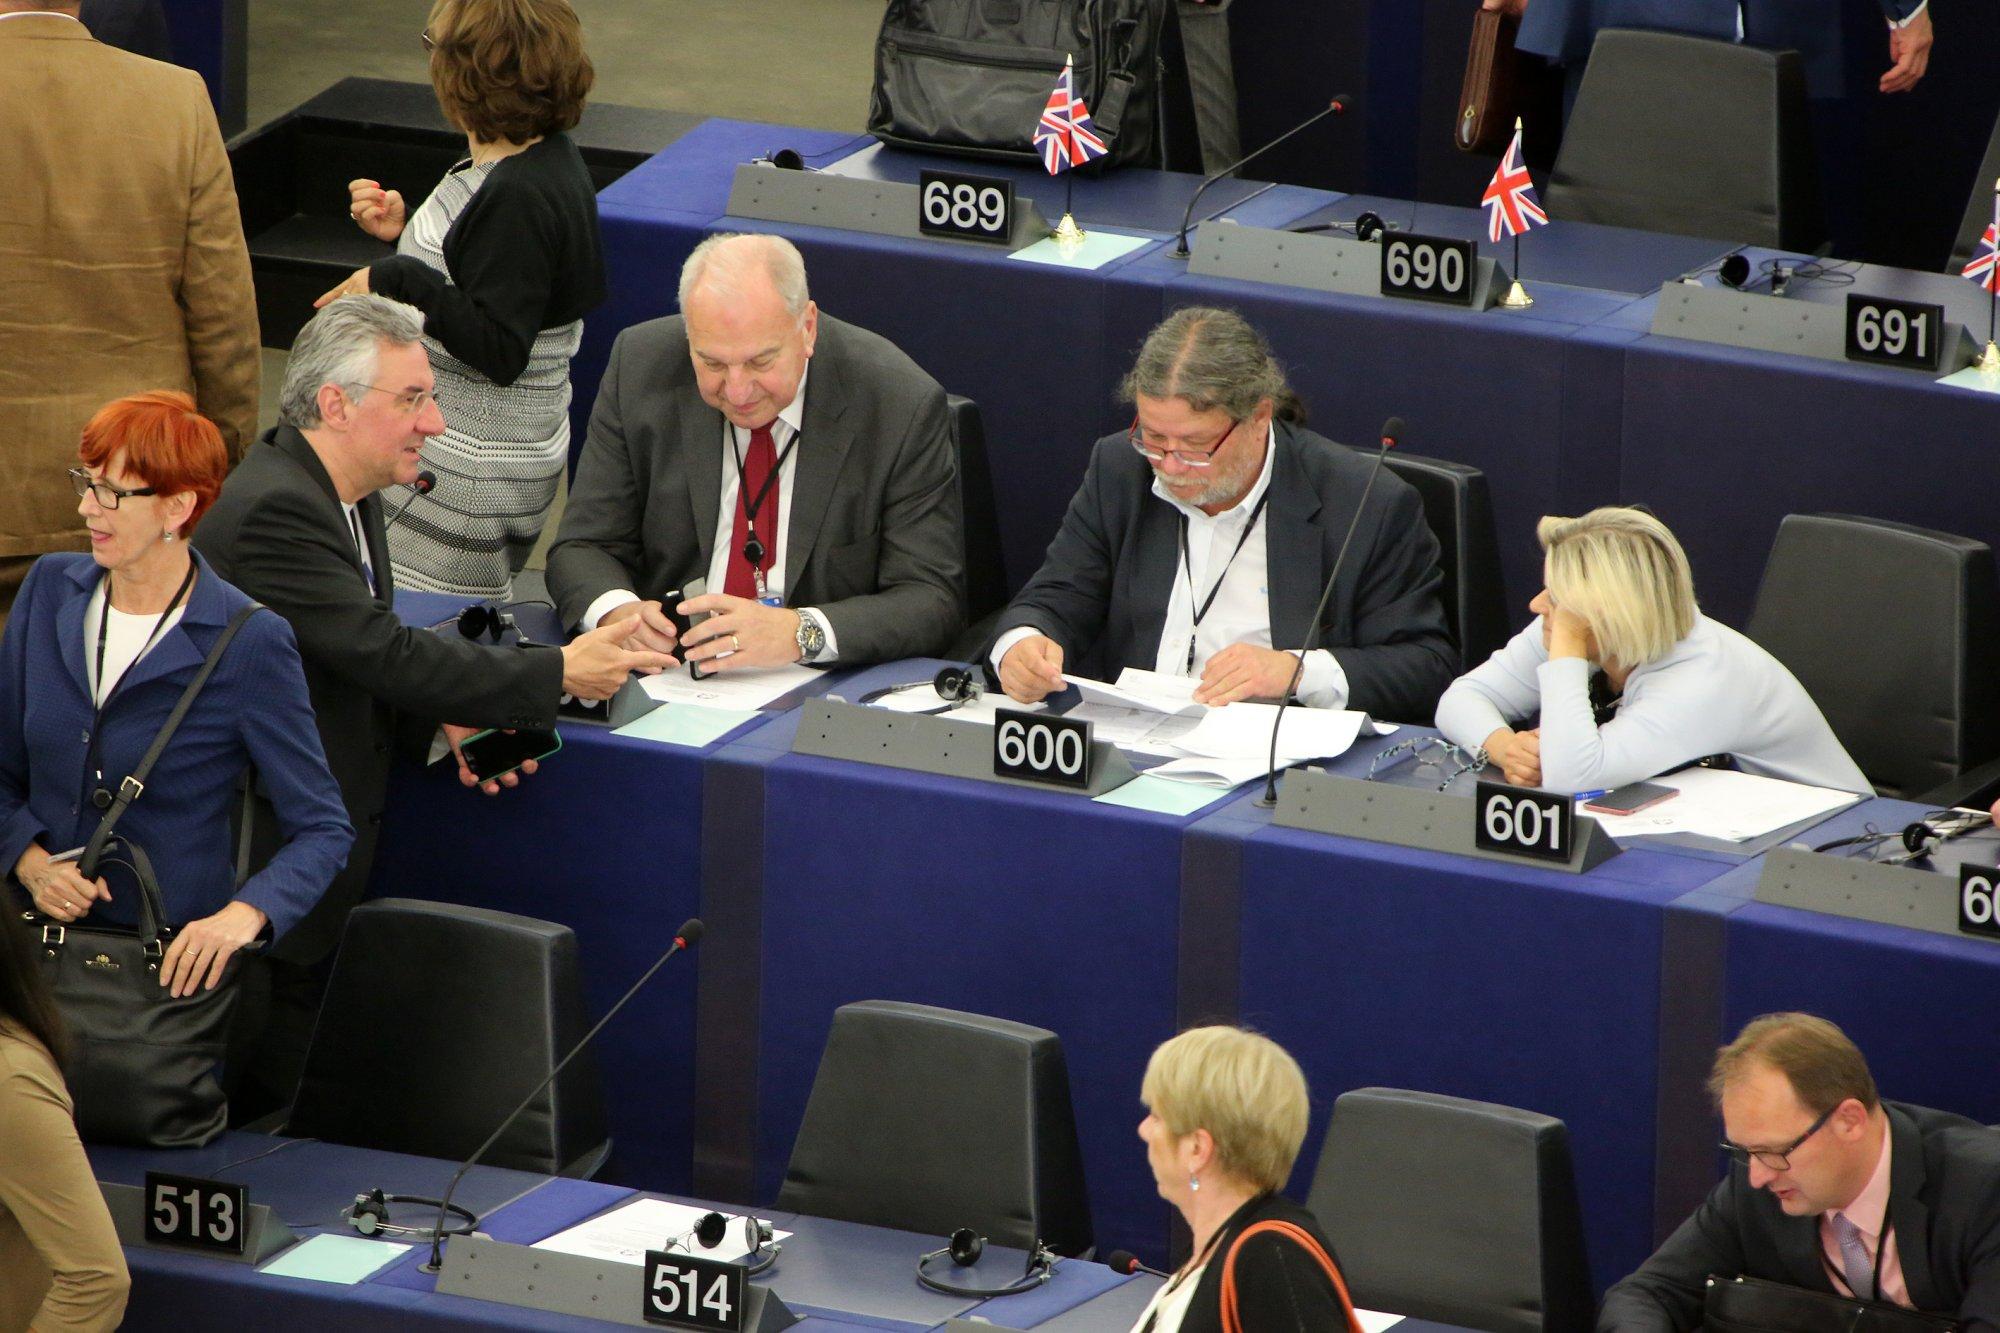 Europoslanci ODS: Klimatické cíle stanovené Evropským parlamentem jsou nerealistické a budou mít zásadní dopady na občany